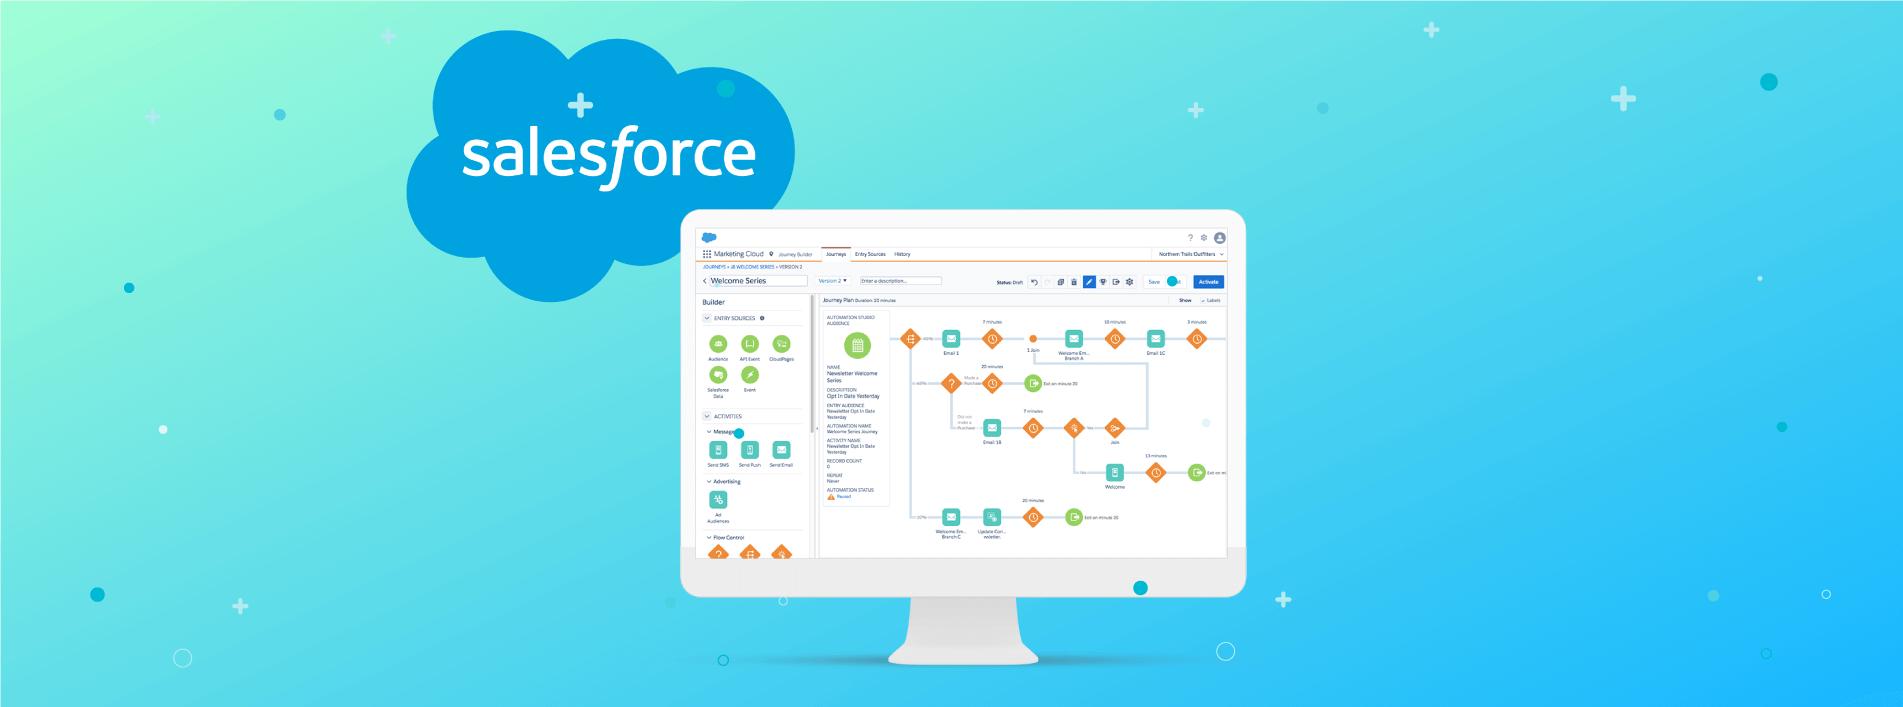 Salesforce-Journey-Builder-MKT-Cloud